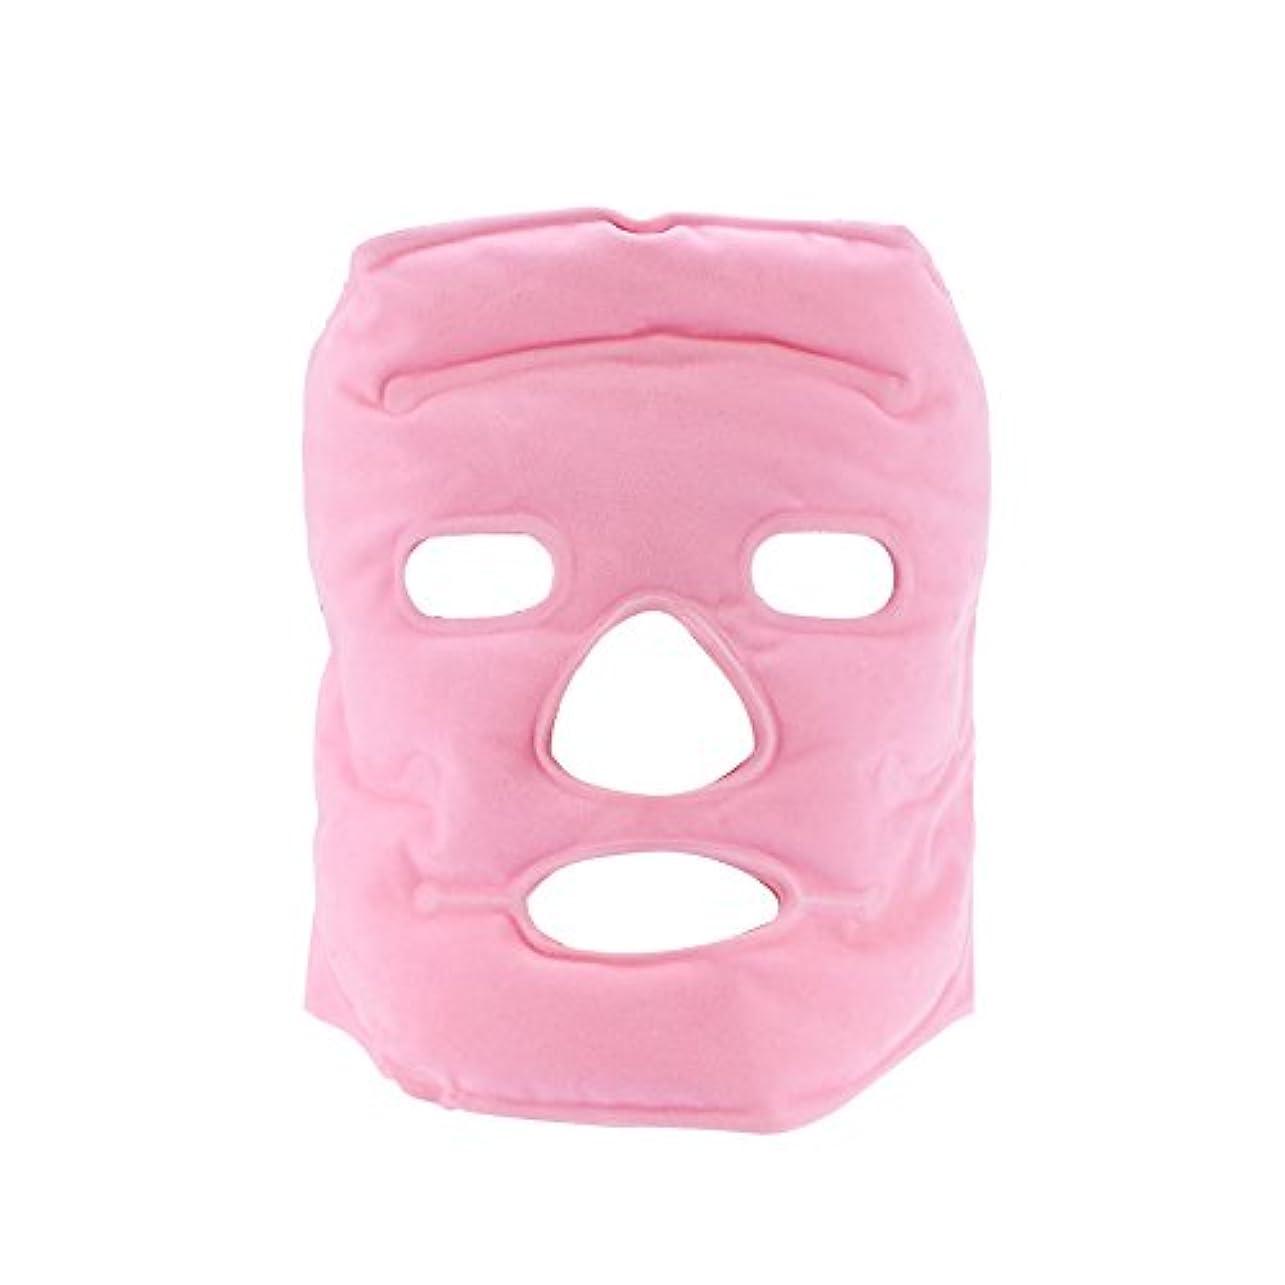 パン屋普遍的な特異なトルマリンフェイスマスク、フェイシャル美容マスク計器トルマリン磁気コールド/ホットコンプレッションマッサージアンチリンクルフェイスケア女性